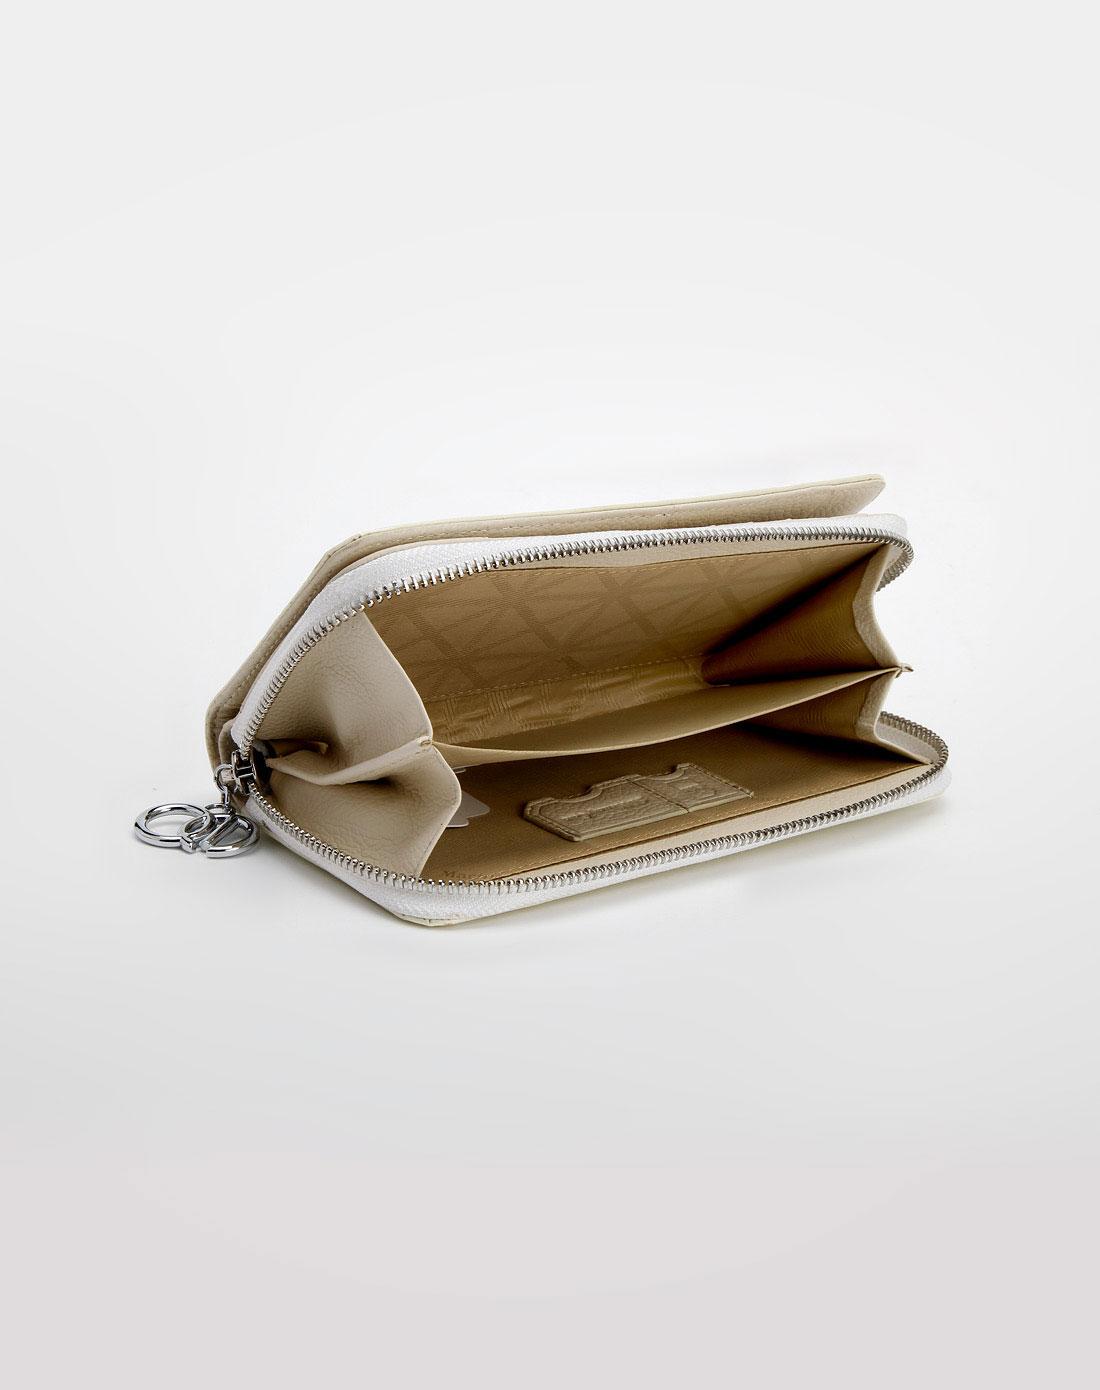 马连奴·奥兰迪-女包米白色拉链钱包